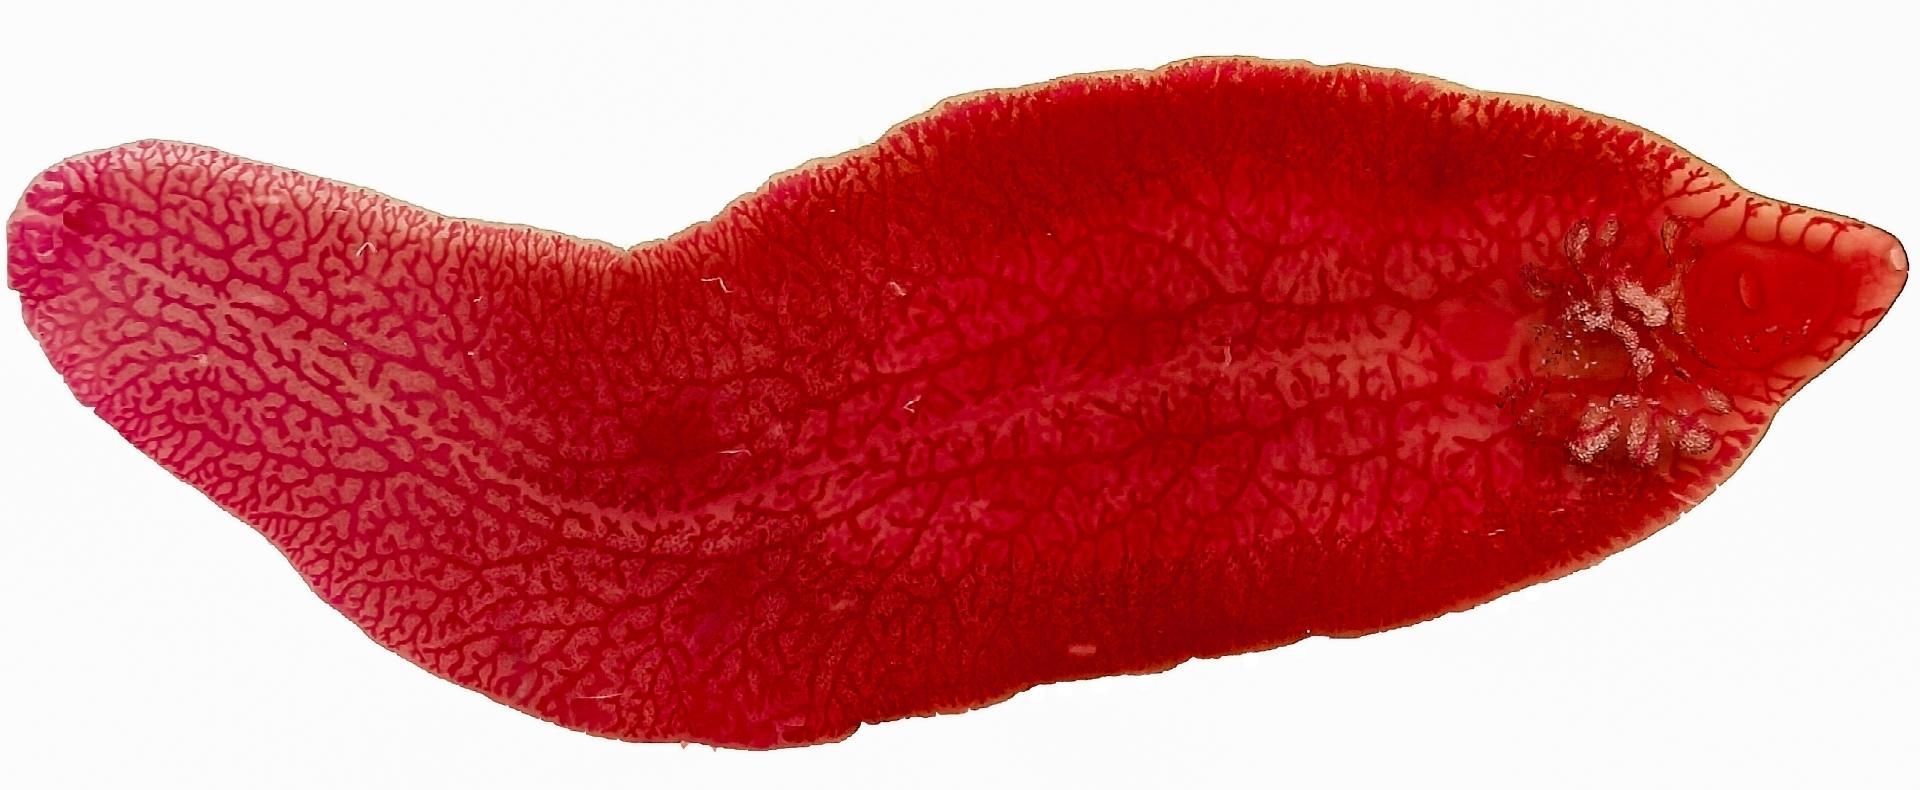 Черви-паразиты становятся причиной рака — и могут помочь вылечить его